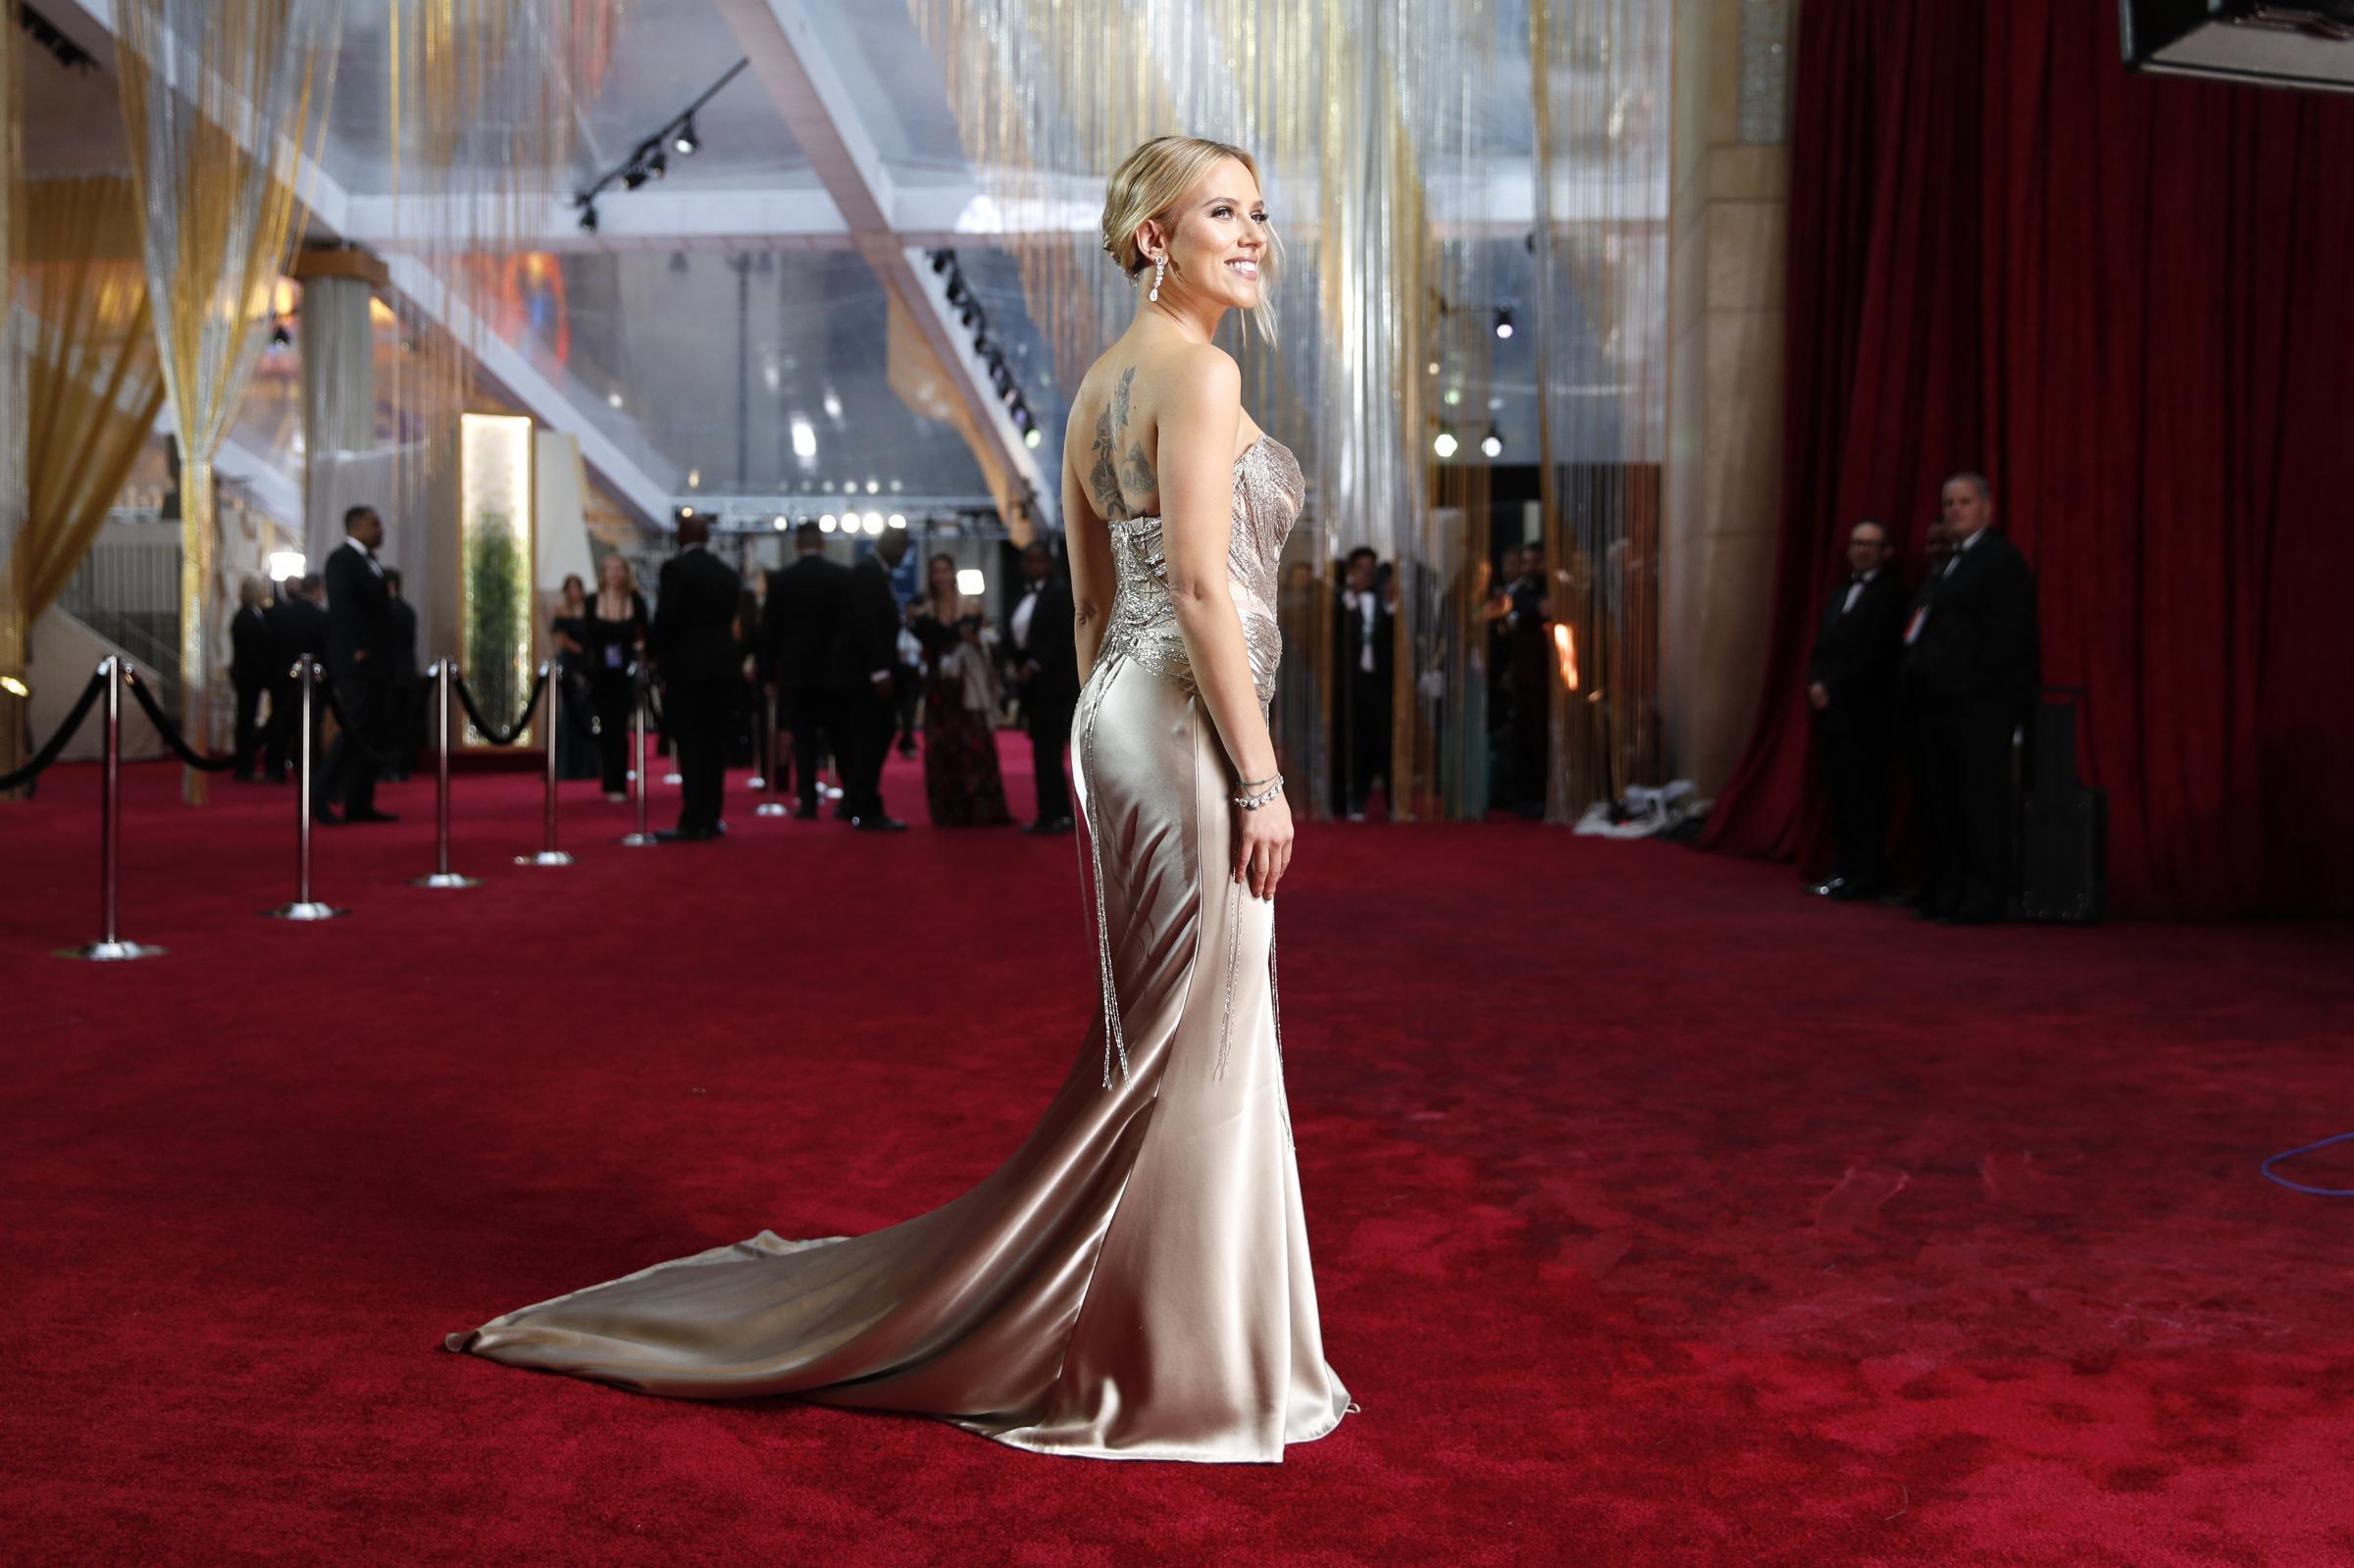 La Fabbrica dei sogni. Buon compleanno Scarlett Johansson!